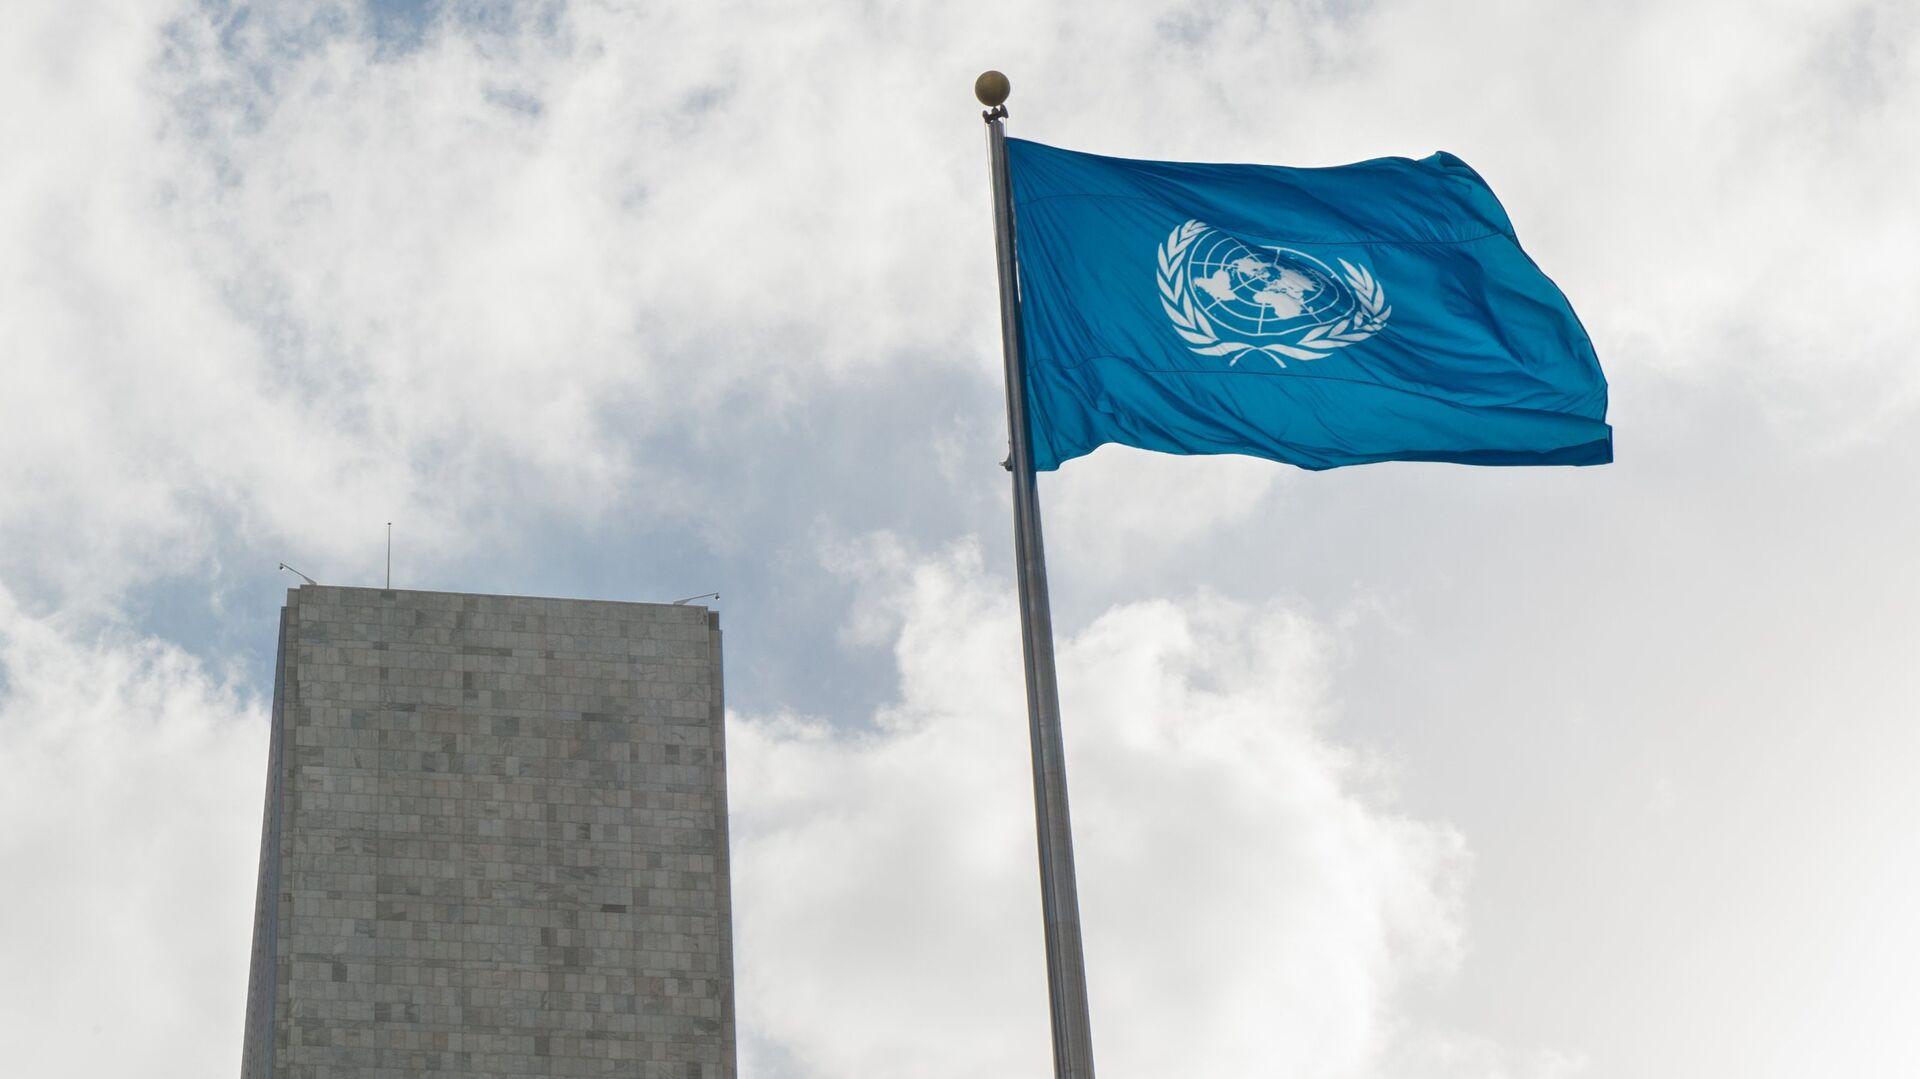 Флаг у Штаб-квартиры ООН - РИА Новости, 1920, 03.06.2021